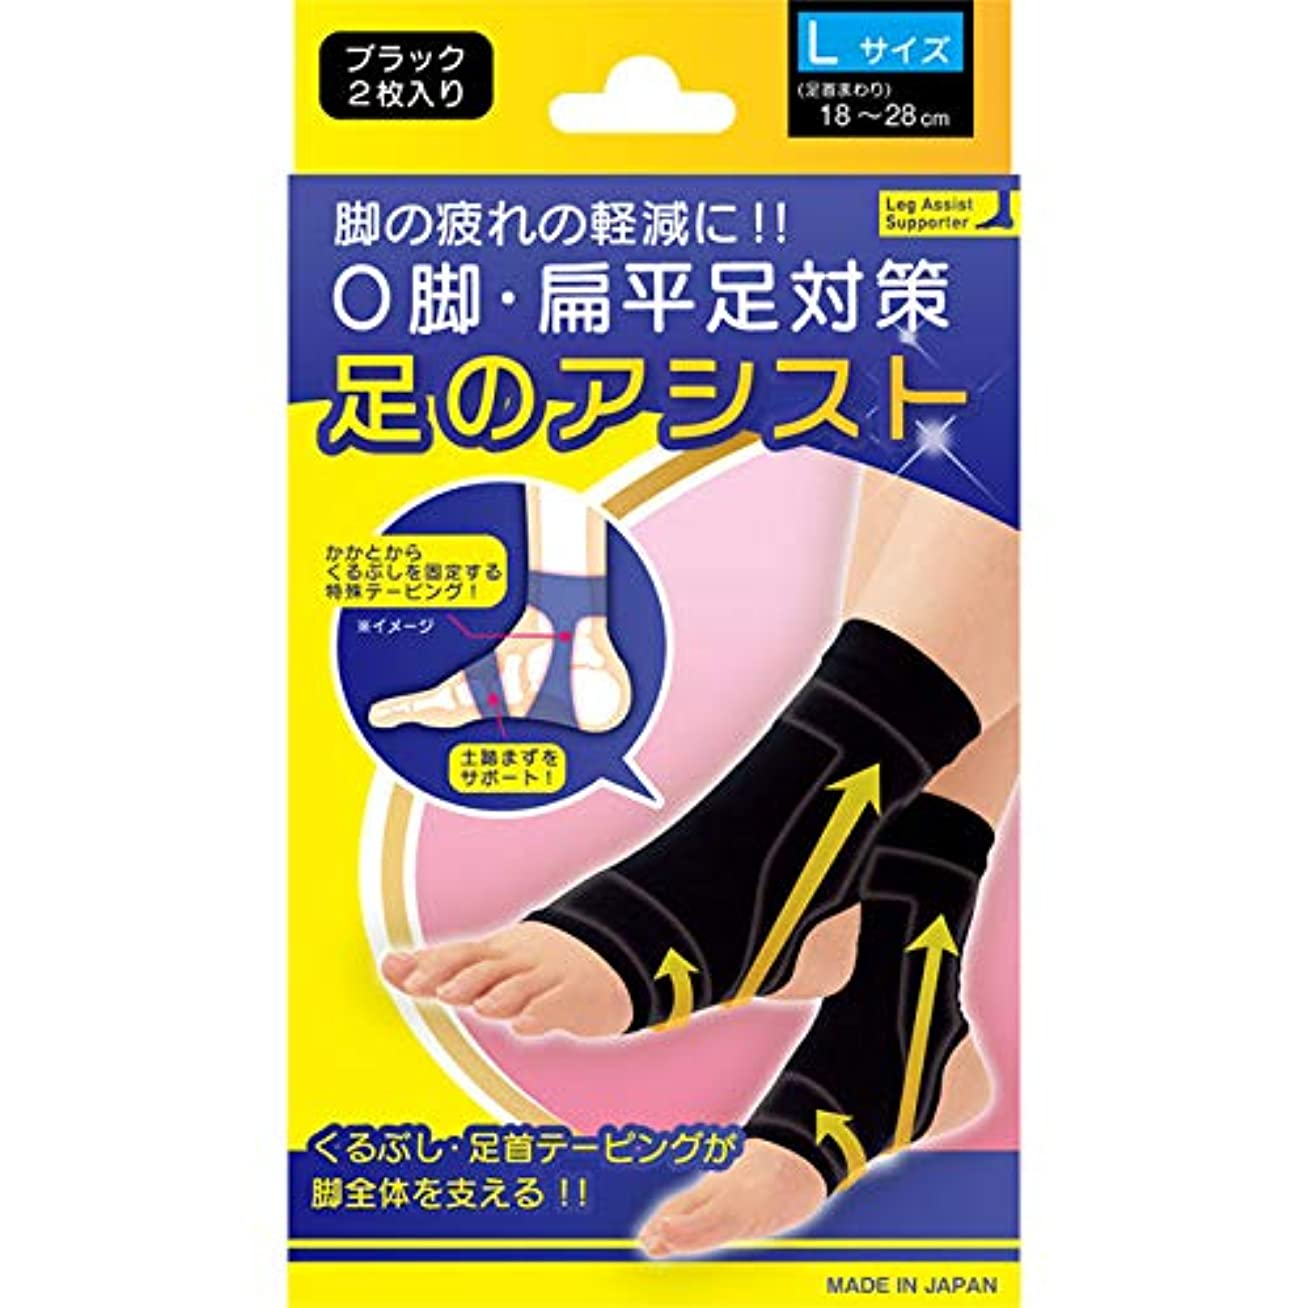 塩辛い彼らのパンフレット美脚足のアシスト ブラック 2枚入り Lサイズ(足首まわり18~28cm)